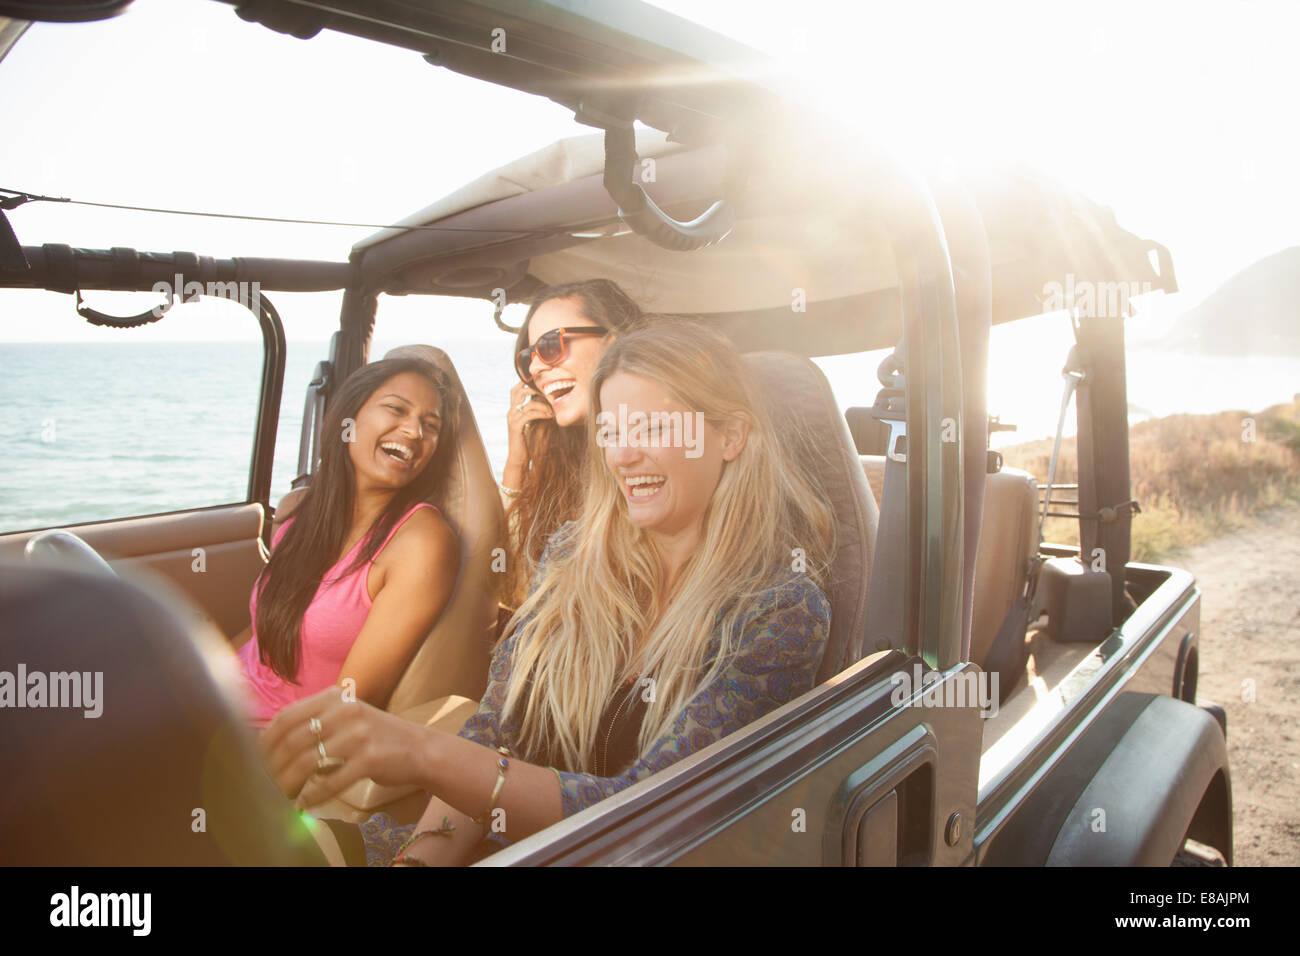 Tres jóvenes mujeres conduciendo en jeep a costa, Malibu, California, EE.UU. Imagen De Stock